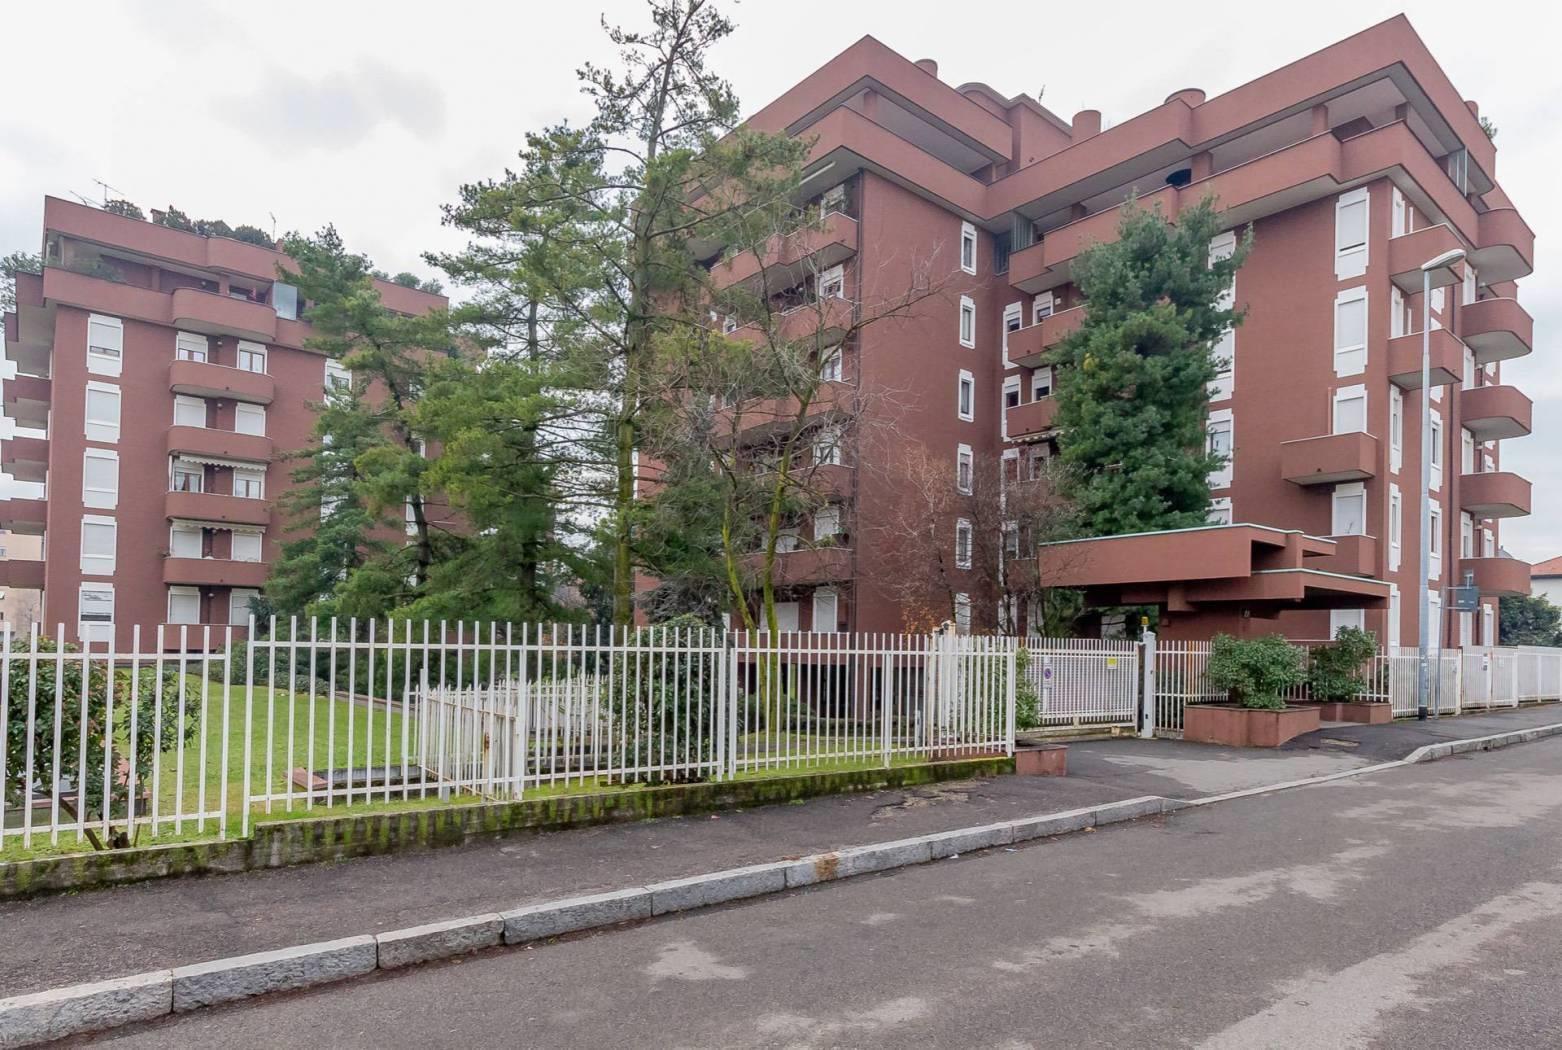 Foto 1 - Appartamento in Vendita - Monza, Zona San Carlo